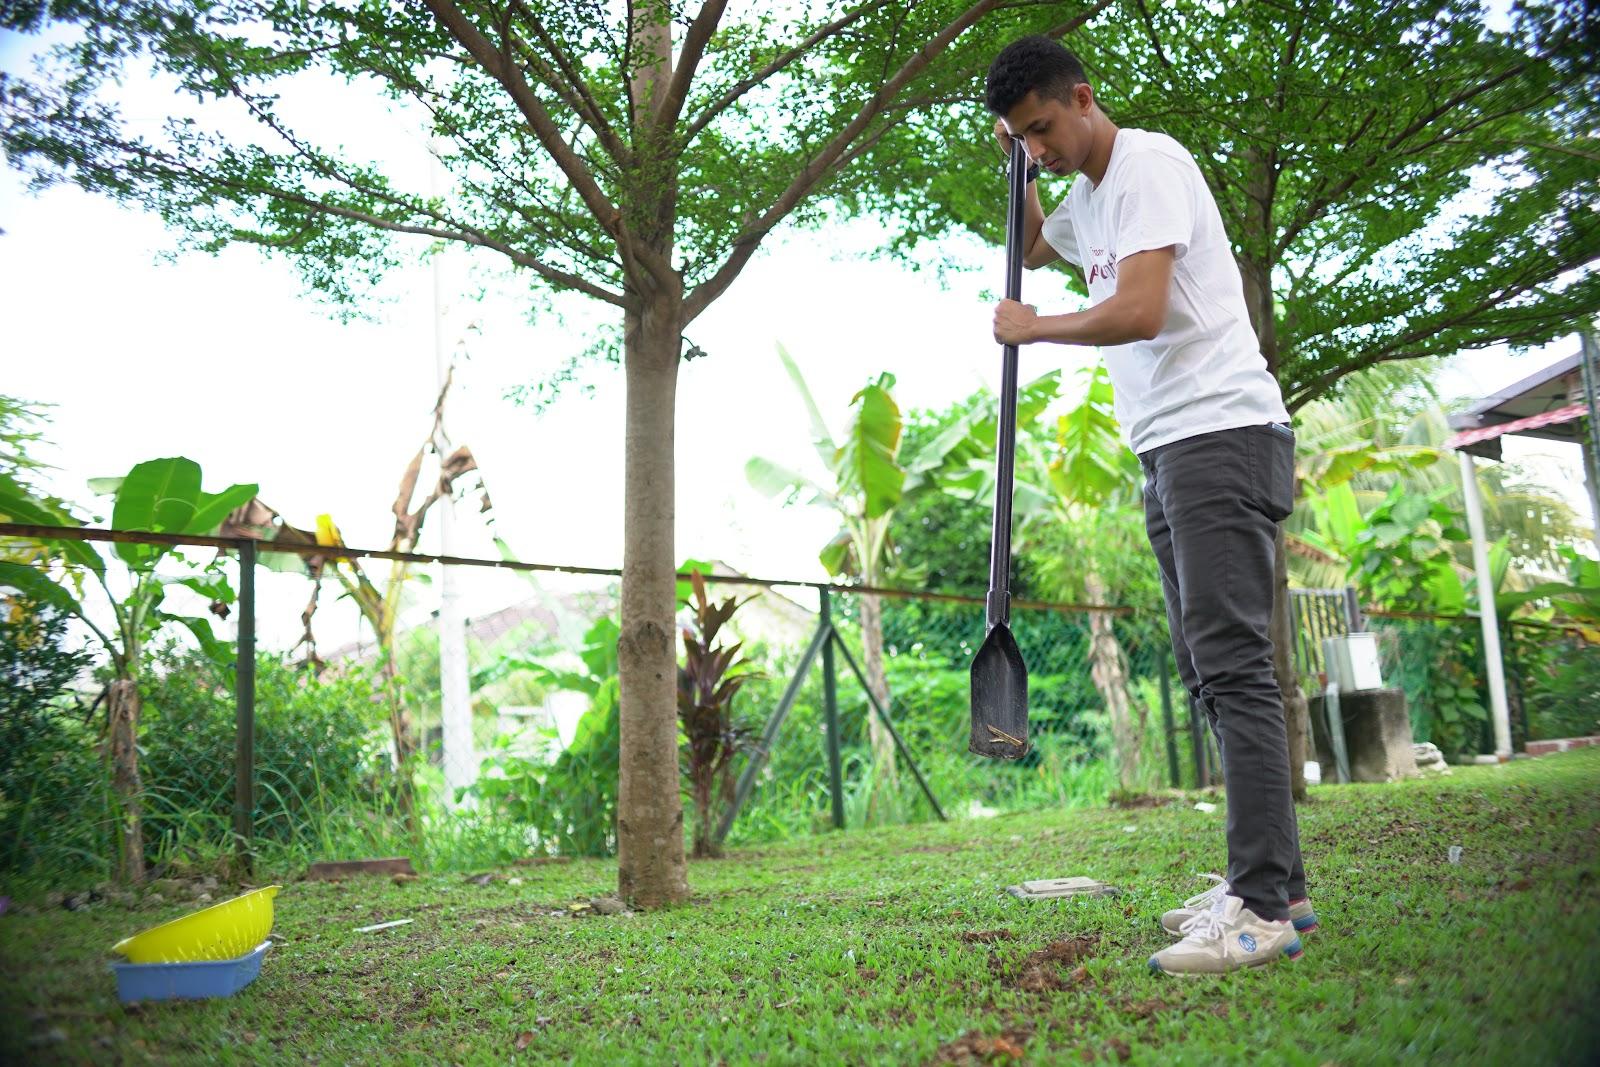 Ustaz sedang menggali lubang sedalam 2 kaki untuk menanam uri bayi.